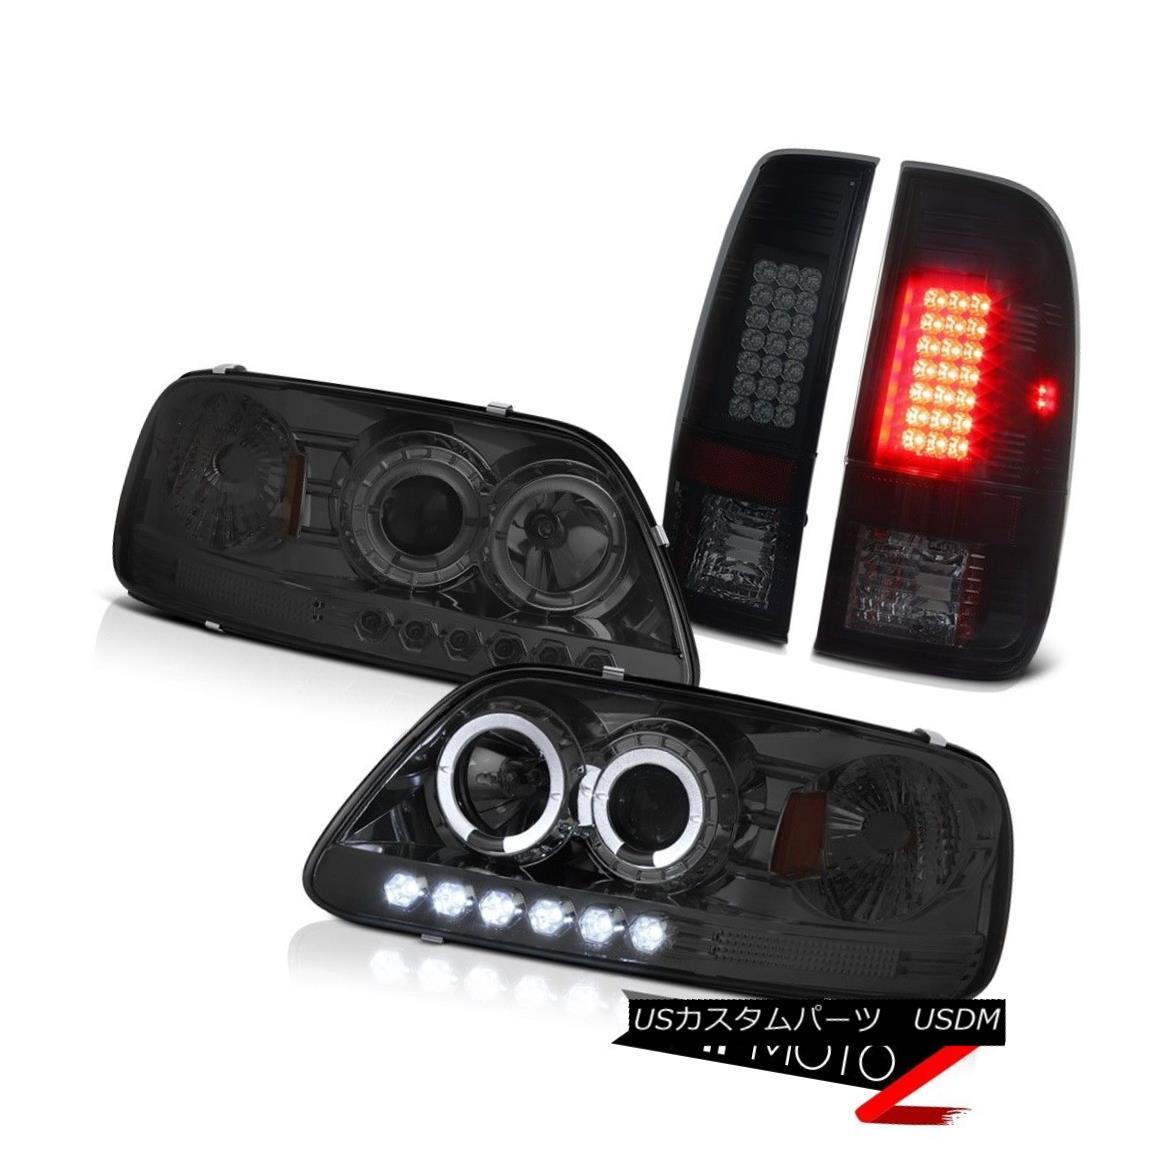 テールライト Halo Projector Smoke Headlights 1997-2003 F150 V8 Philip SuperFlux LED Taillight ハロープロジェクタースモークヘッドライト1997-2003 F150 V8 Philip SuperFlux LEDテールライト